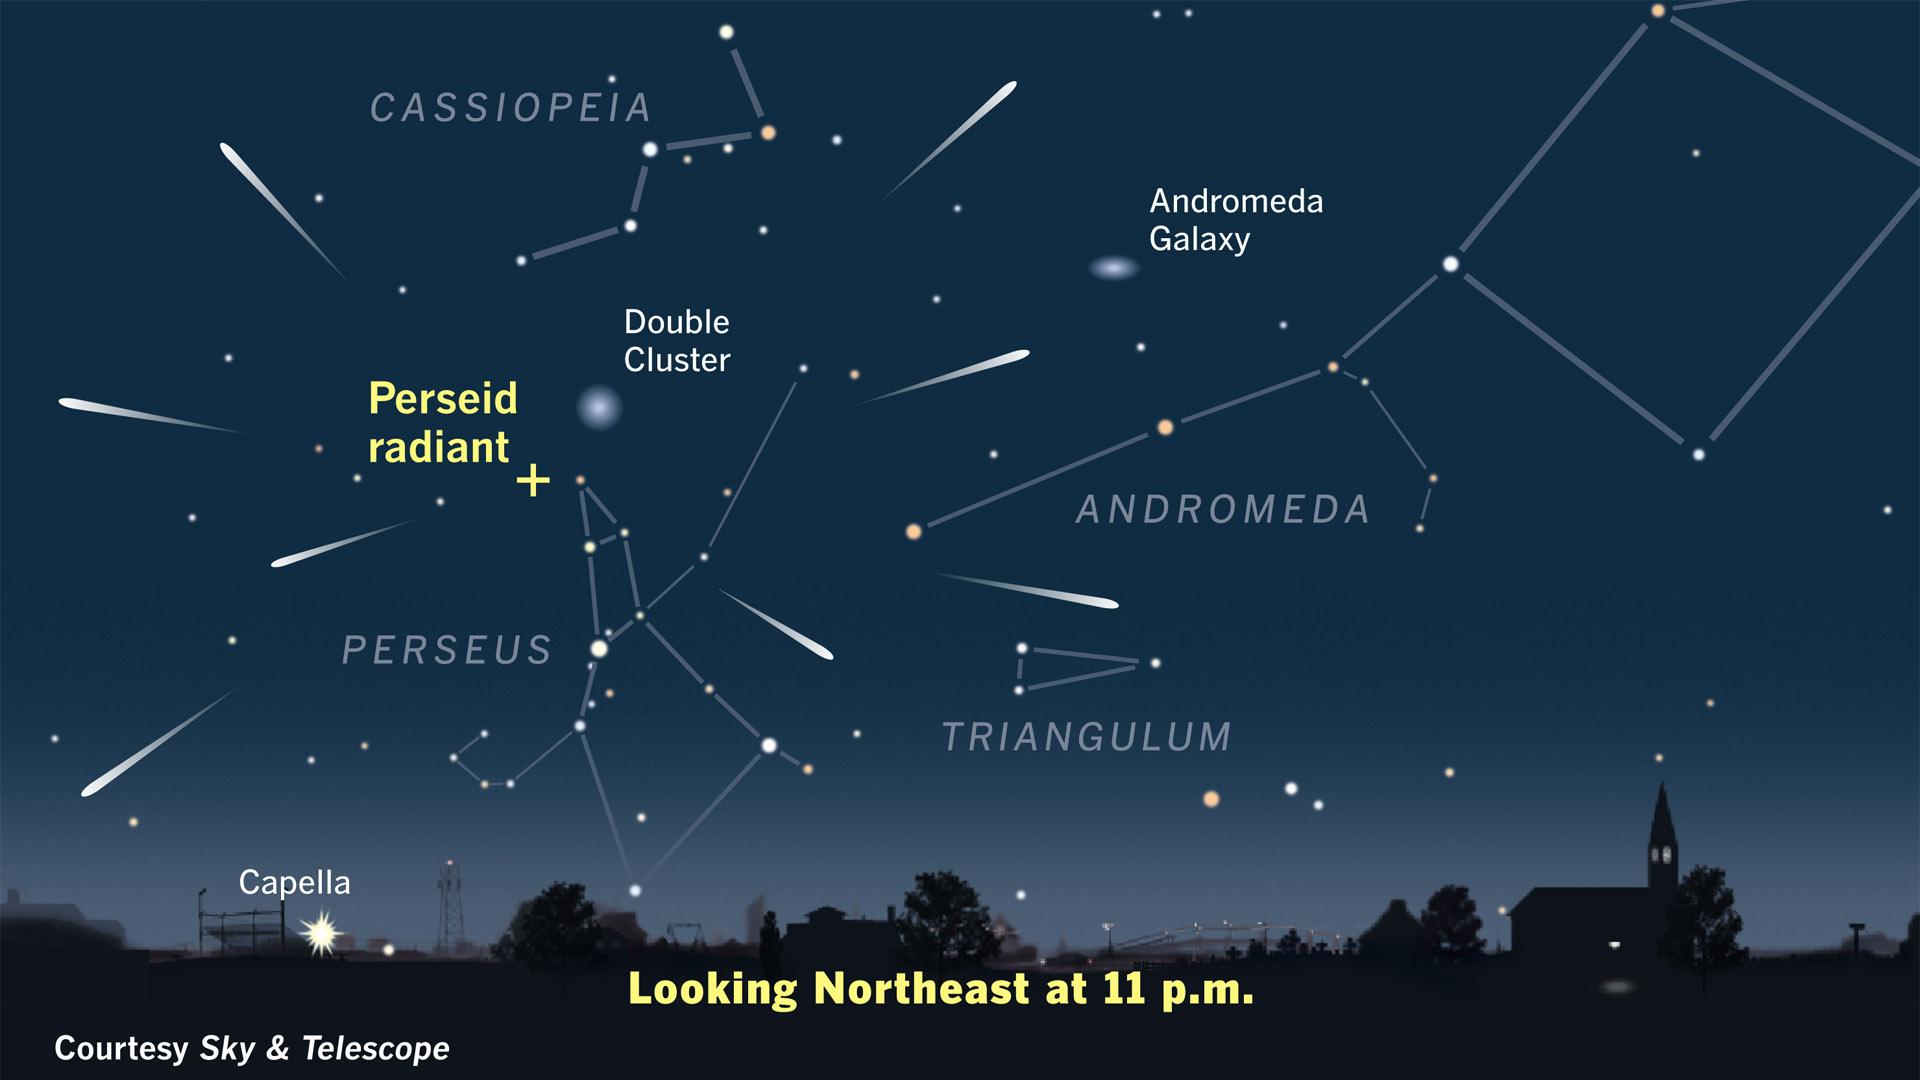 """17 июля начинается один из самых зрелищных метеорных потоков года - Персеиды. Он продлится до 24 августа. И хотя пик, когда в час можно будет наблюдать до 60 """"падающих звезд"""" в час, наступит только 12 августа, с сегодняшнего дня можно будет наблюдать отдельные метеоры на ночном небе.  Что такое Персеиды Персеиды - самое яркое астрономическое явление лета, которое начинается с середины июля и оканчивается в конце августа. Оно происходит каждое лето, когда Земля, вращаясь вокруг Солнца, проходит через орбиту кометы Свифта-Таттла в созвездии Персея. Именно поэтому метеорный поток назван Персеидами.  Яркие черточки на небе, которые в народе называют """"звездопадом"""", это метеоры - частички хвоста кометы. Они состоят из льда и пыли и сгорают, попадая в атмосферу Земли."""